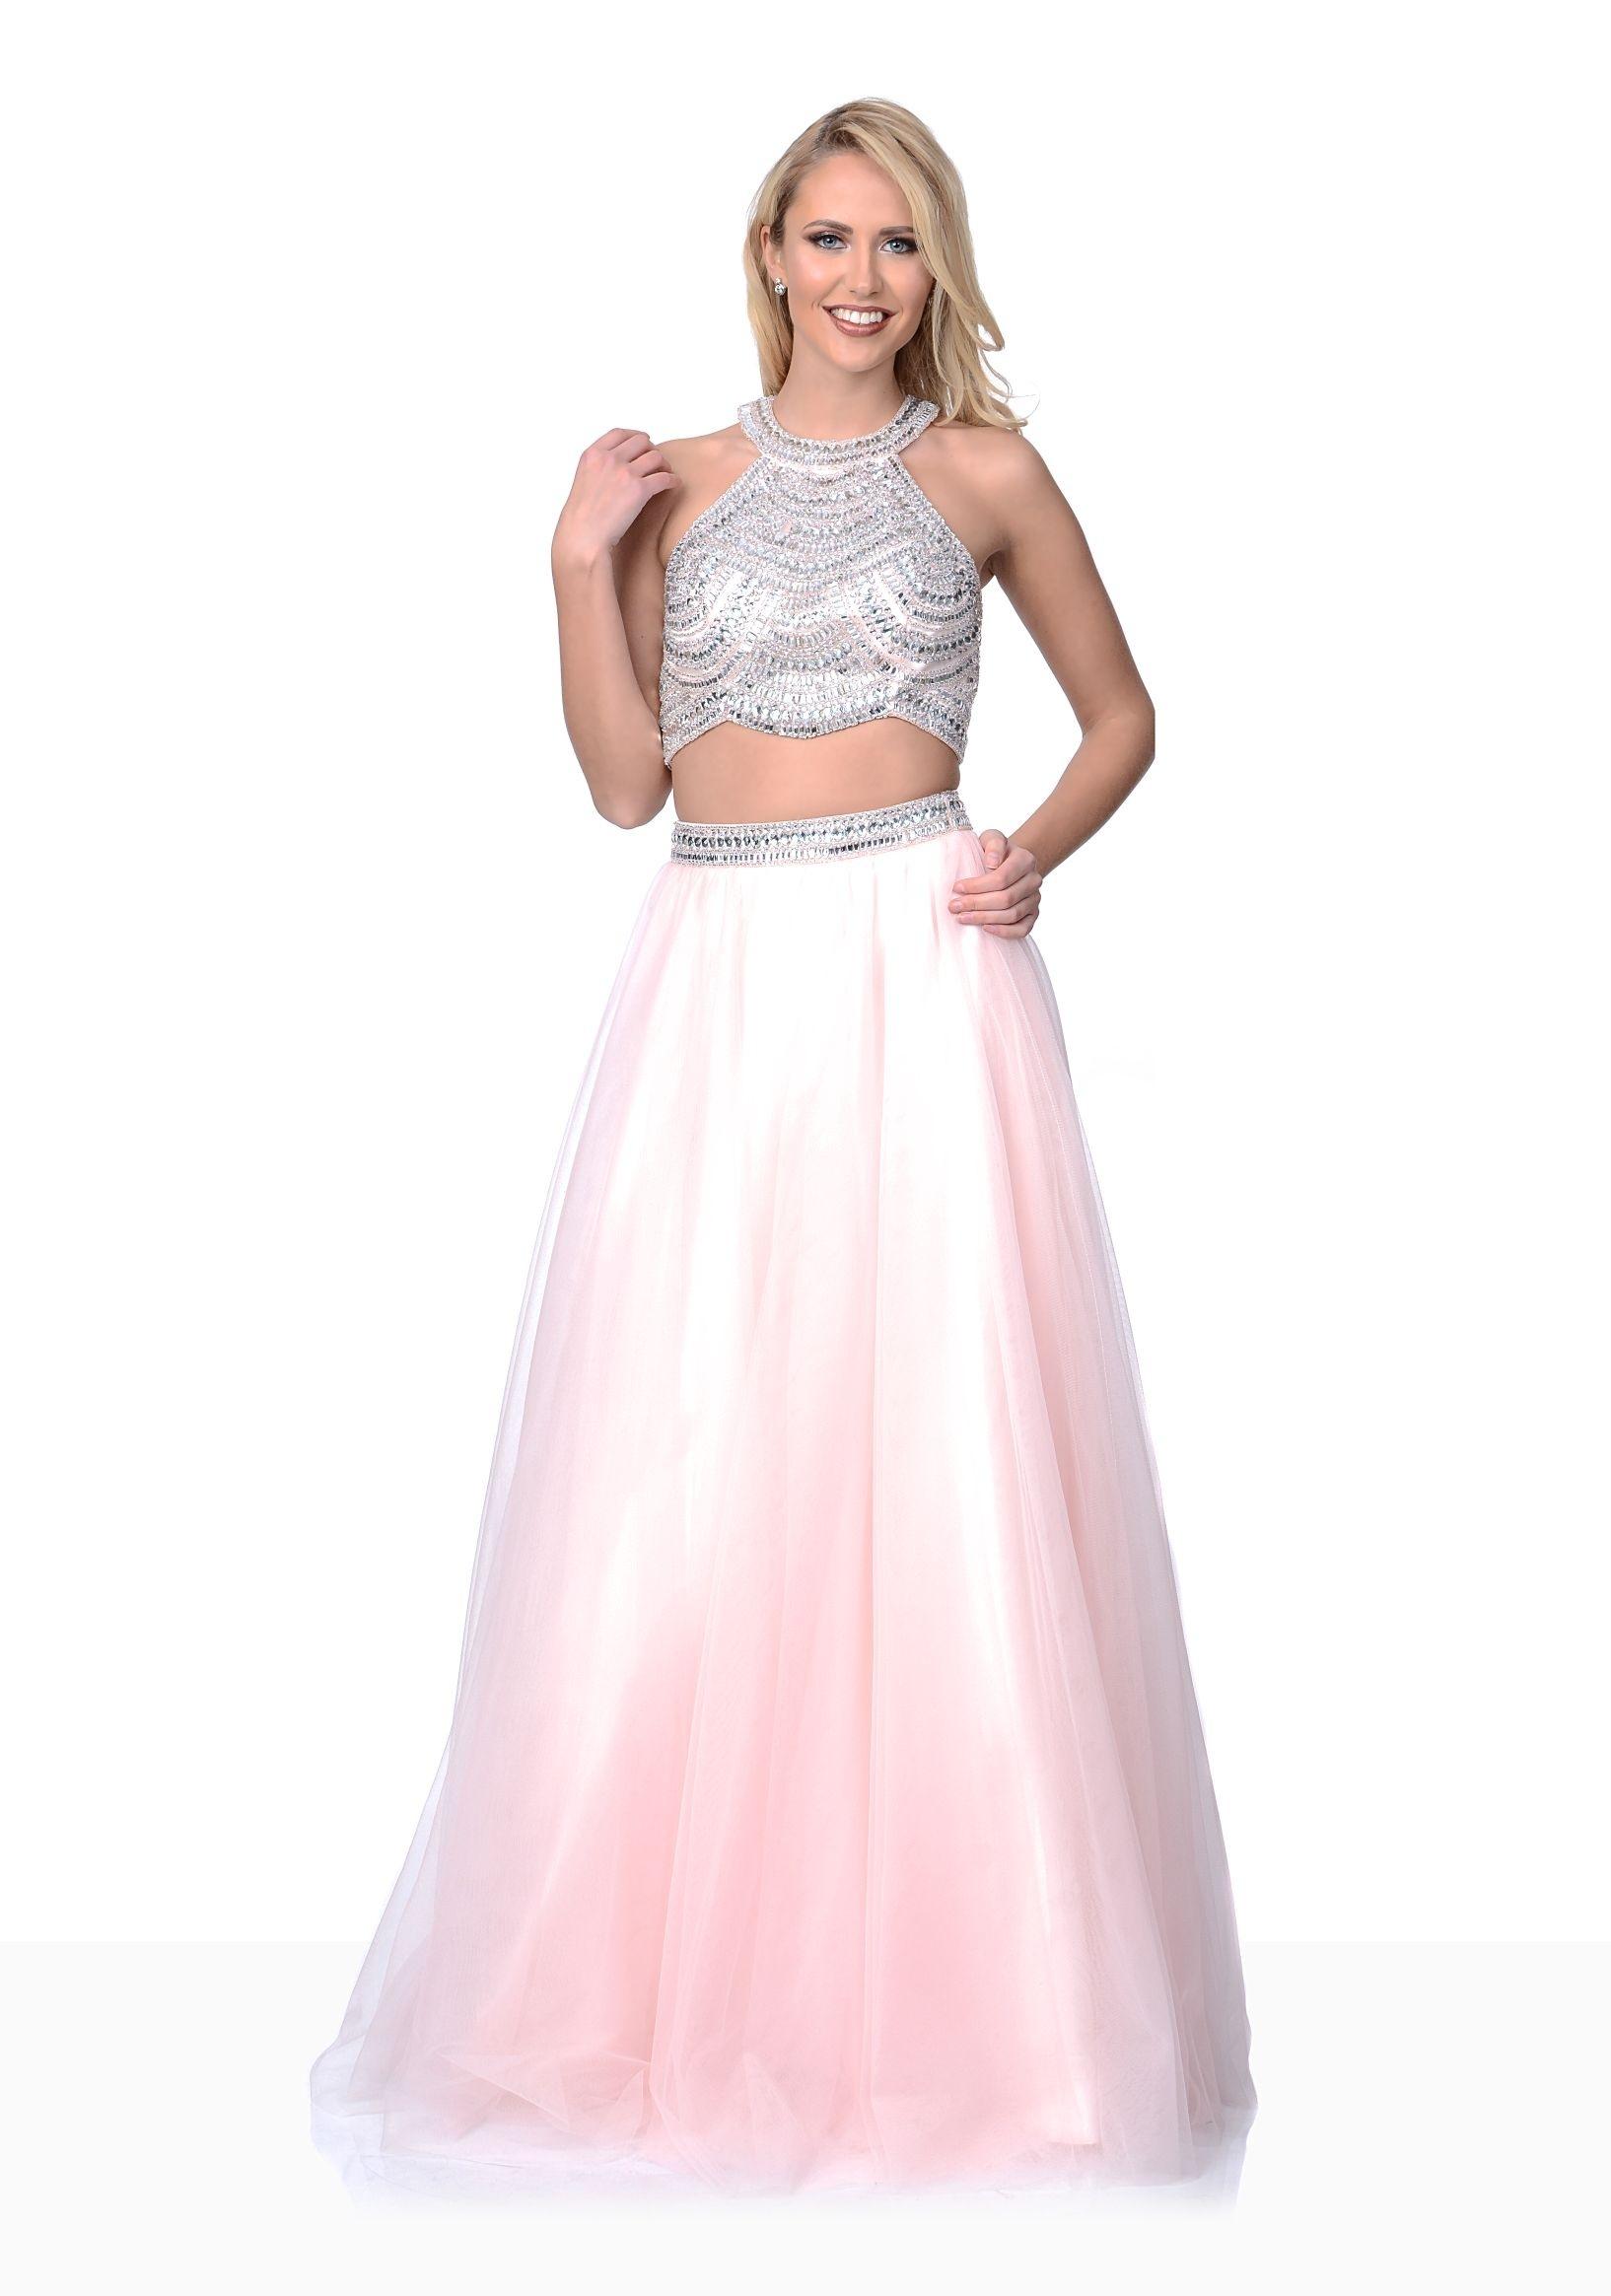 15 Kreativ Kleid Lang Glitzer Boutique20 Fantastisch Kleid Lang Glitzer Stylish